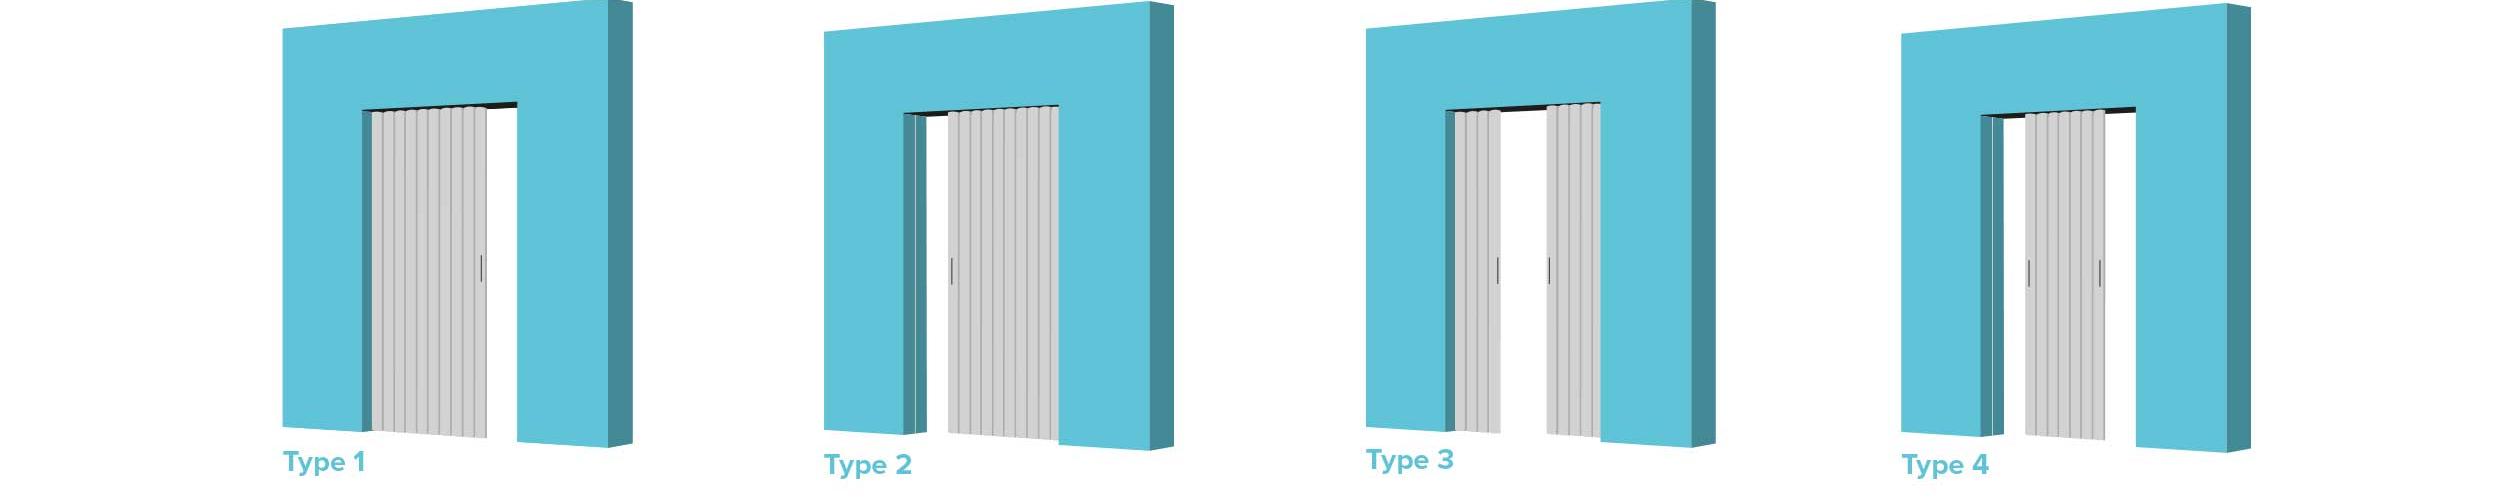 Portes pliantes: types